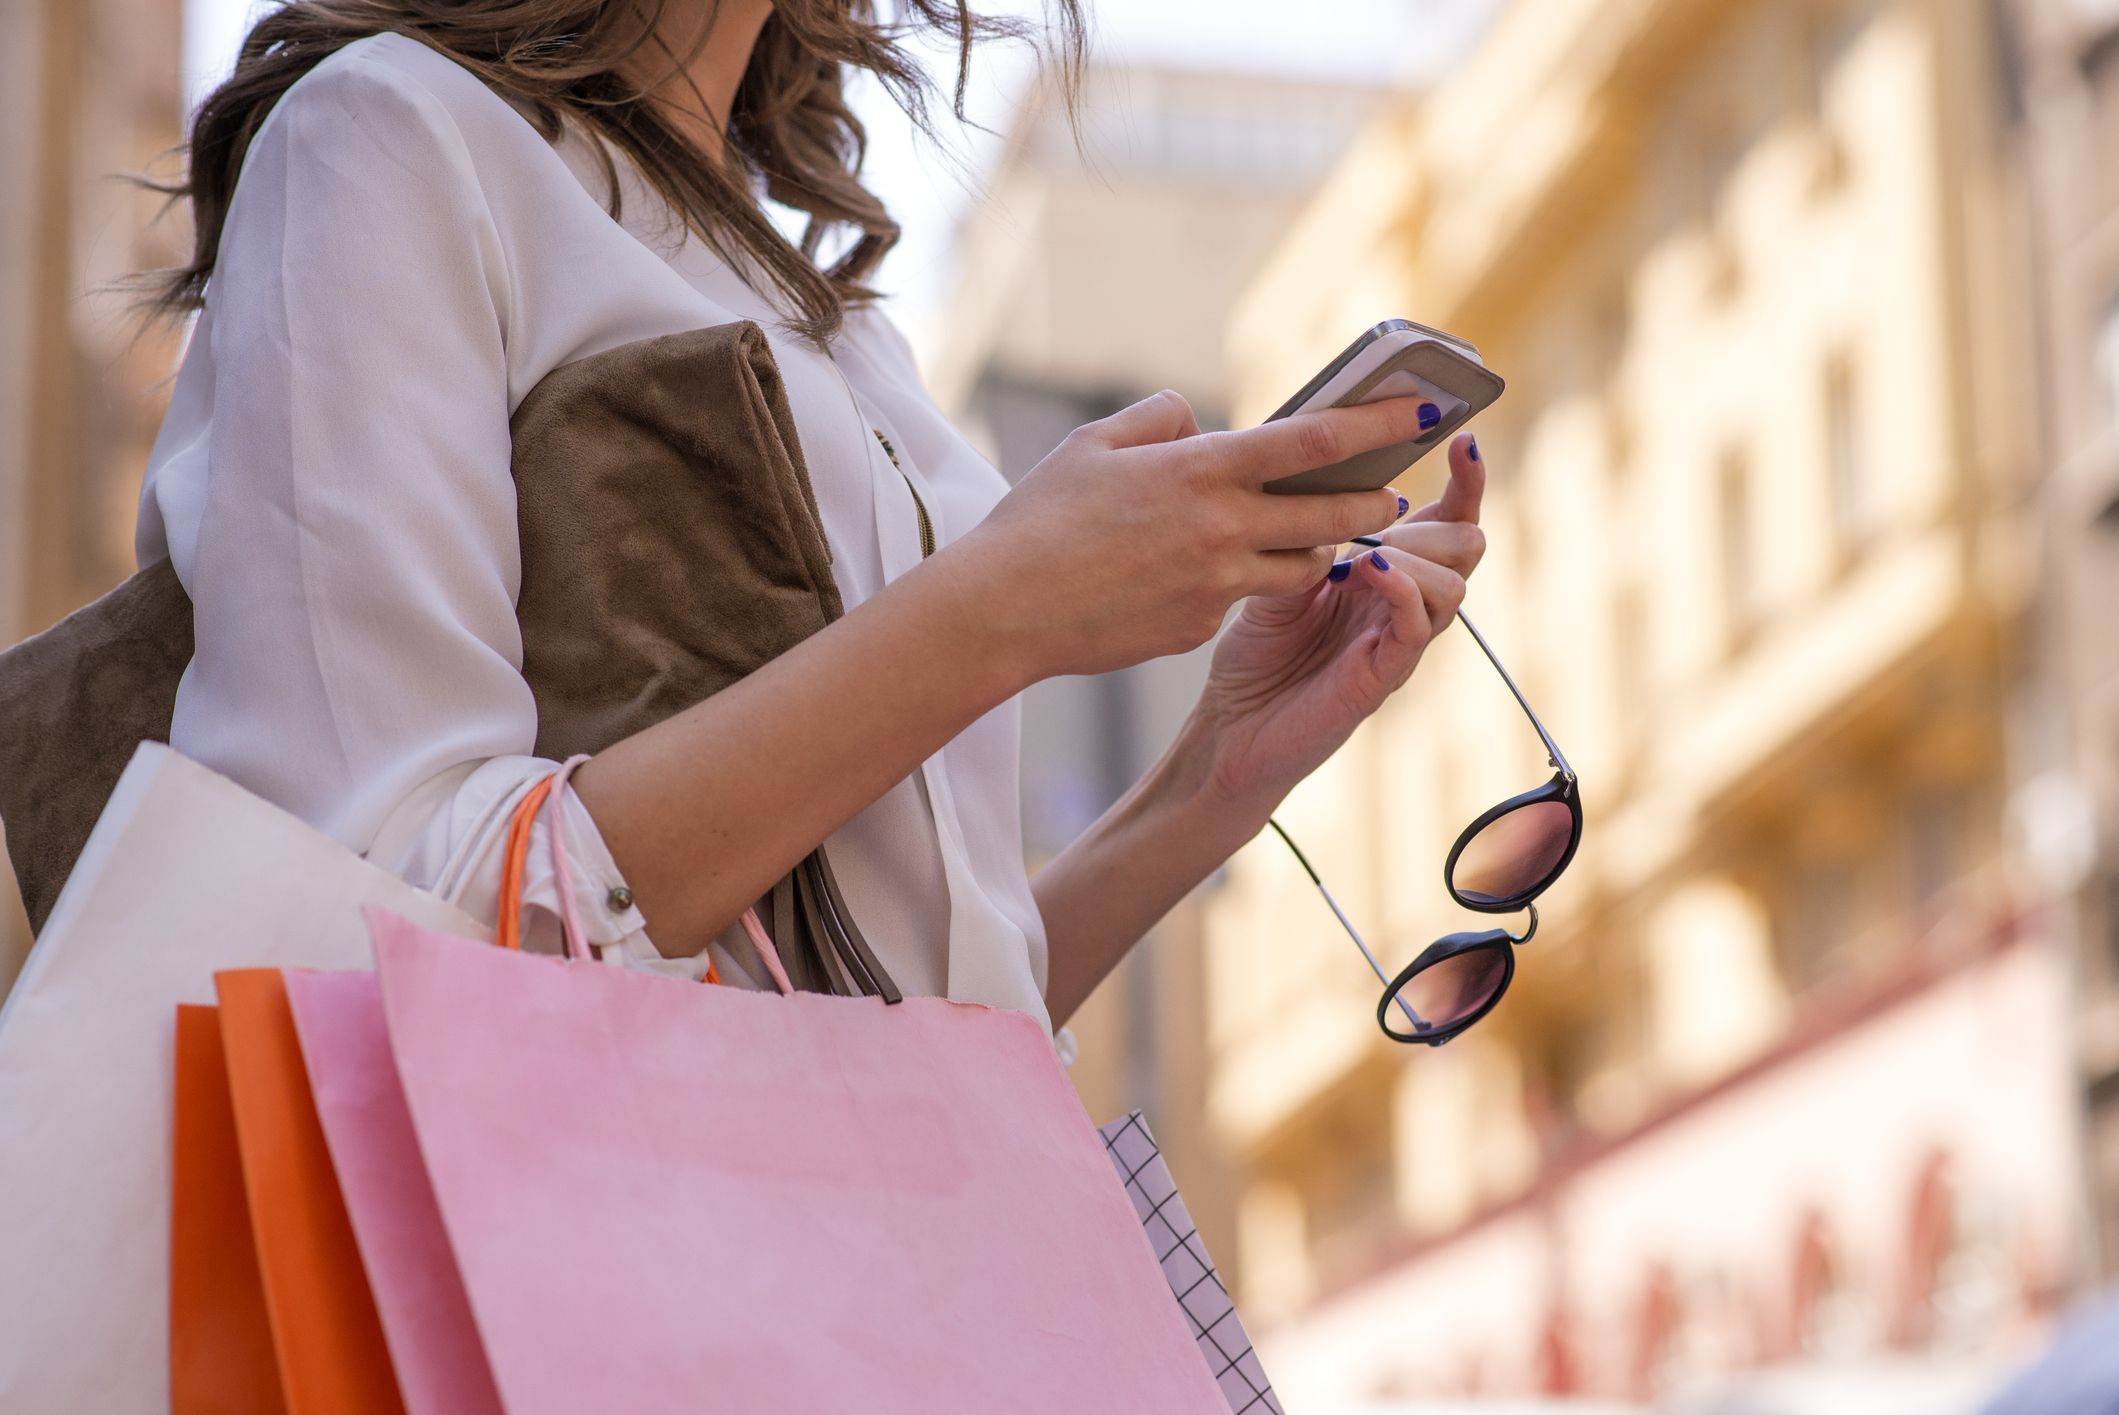 Descárgate apps que te ayuden a encontrar las mejores ofertas